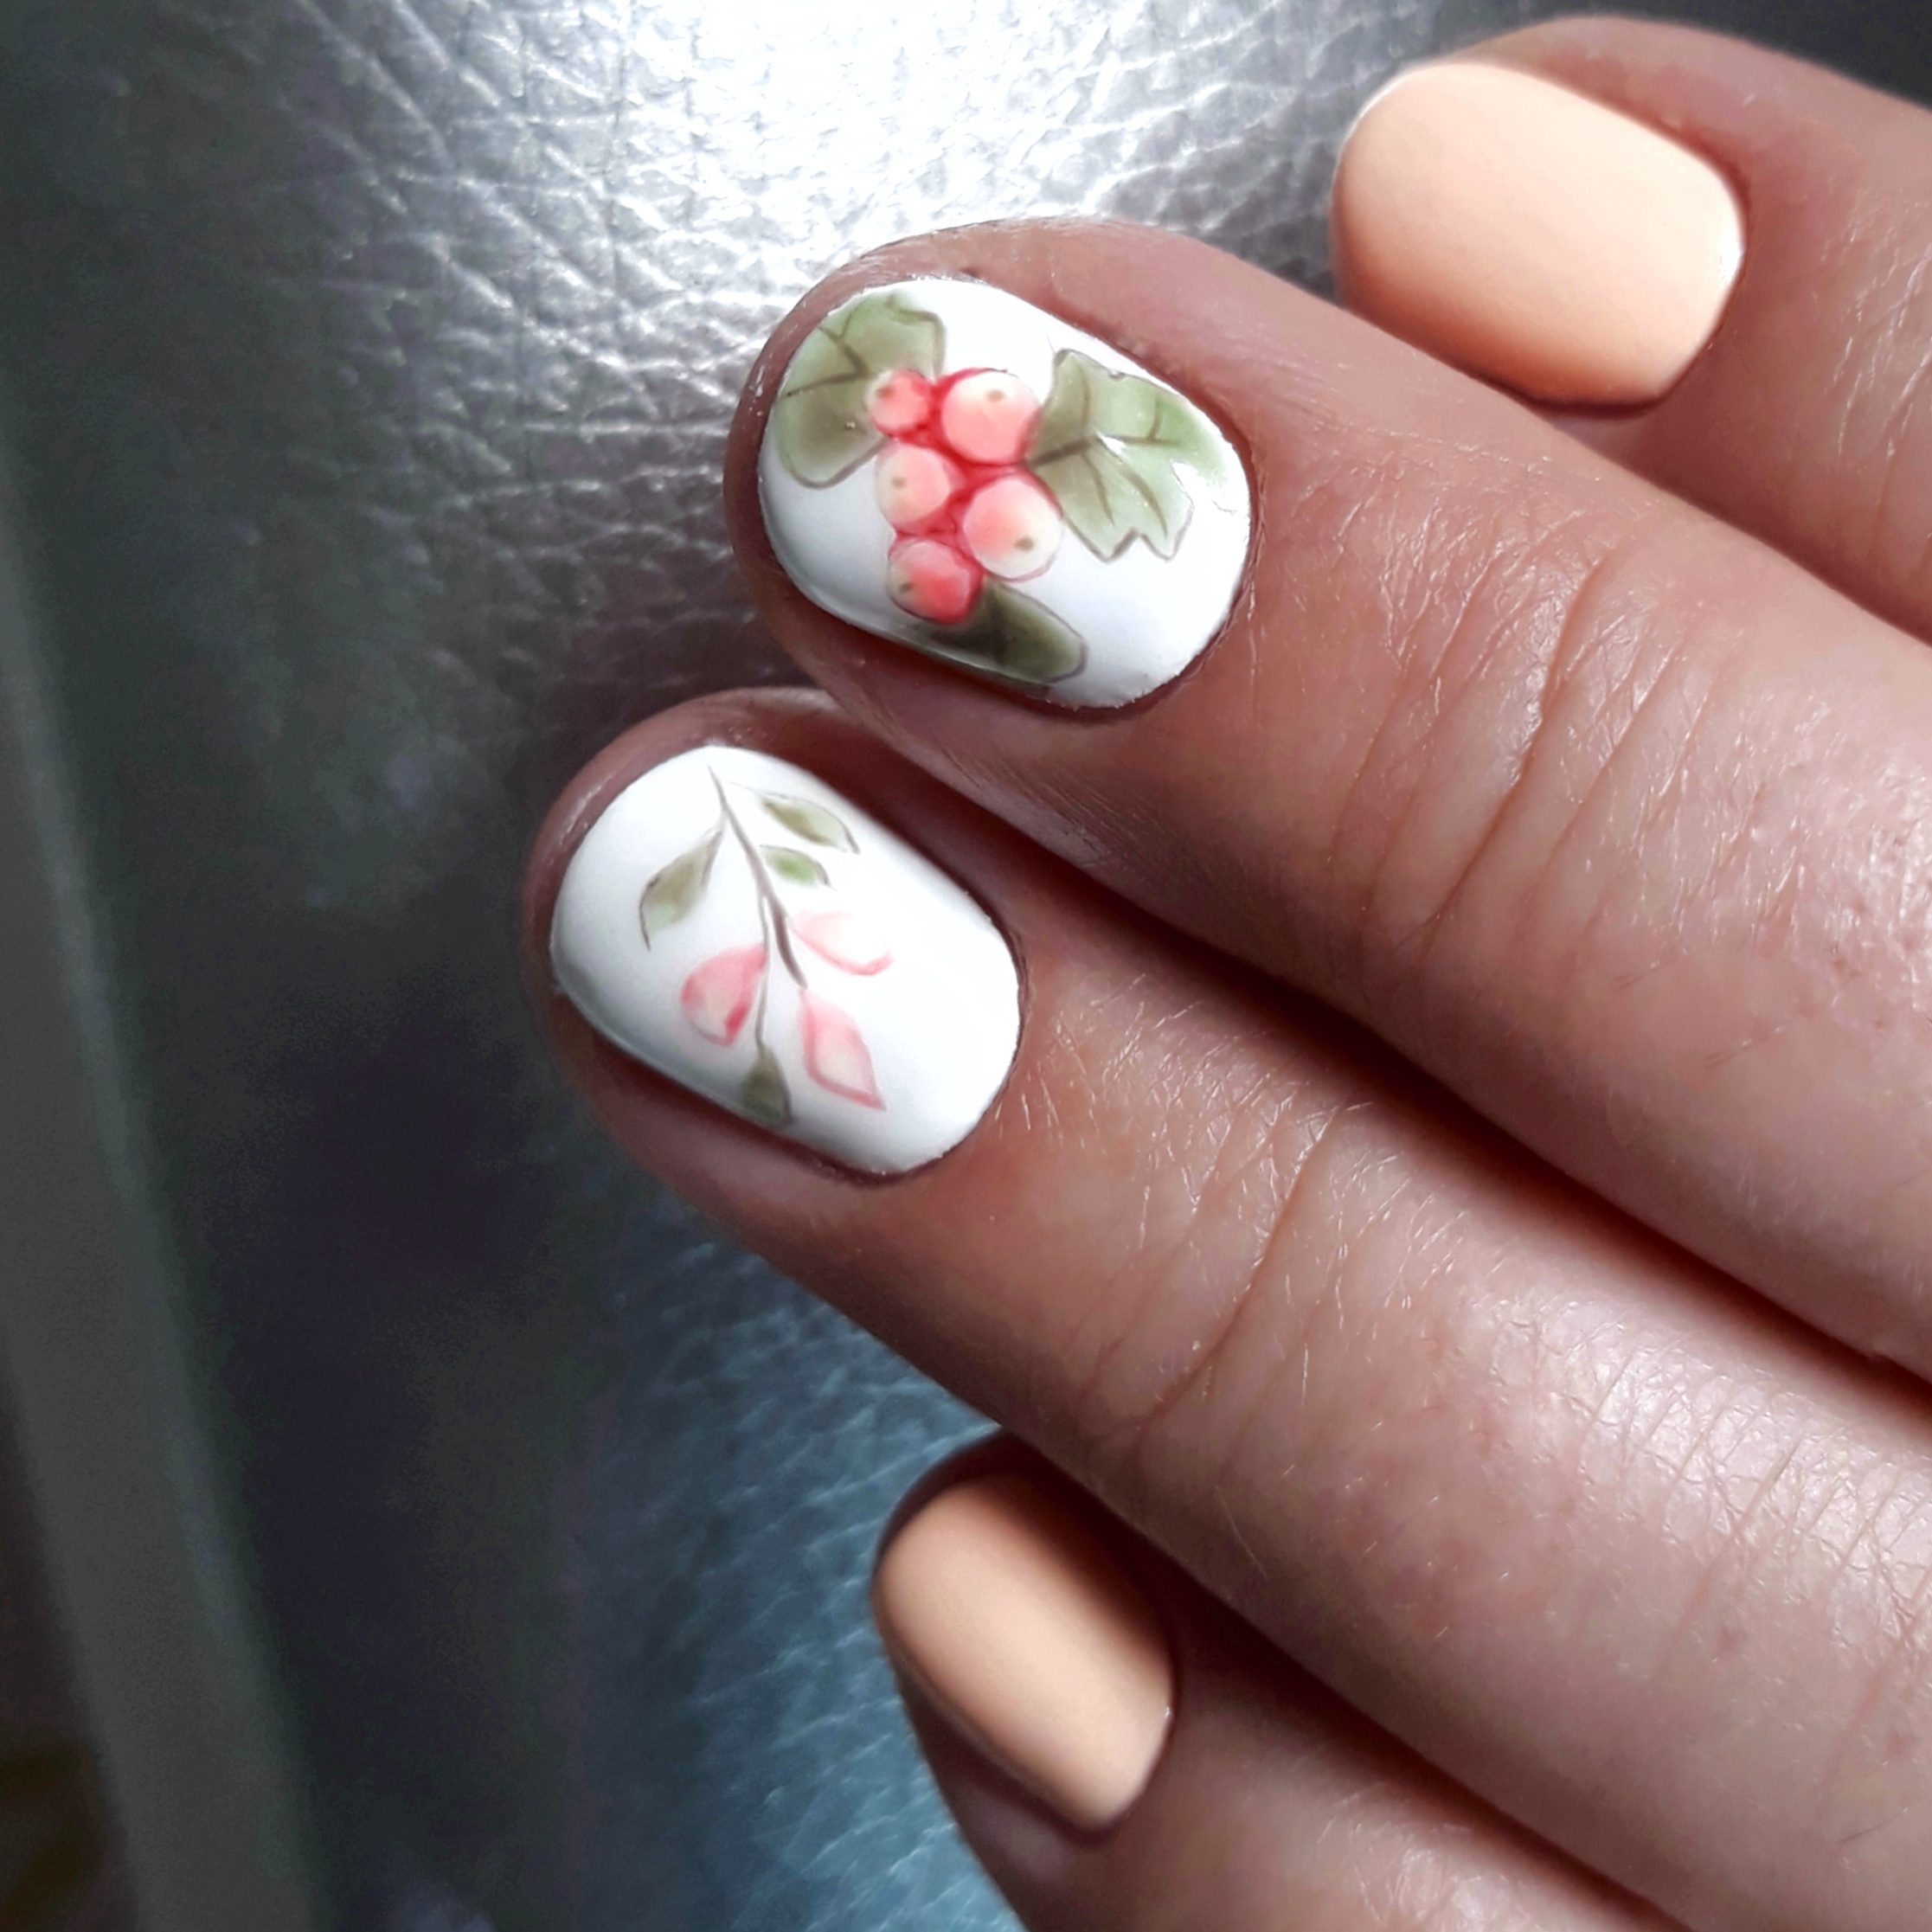 Маникюр с акварельным рисунком в персиковом цвете на короткие ногти.